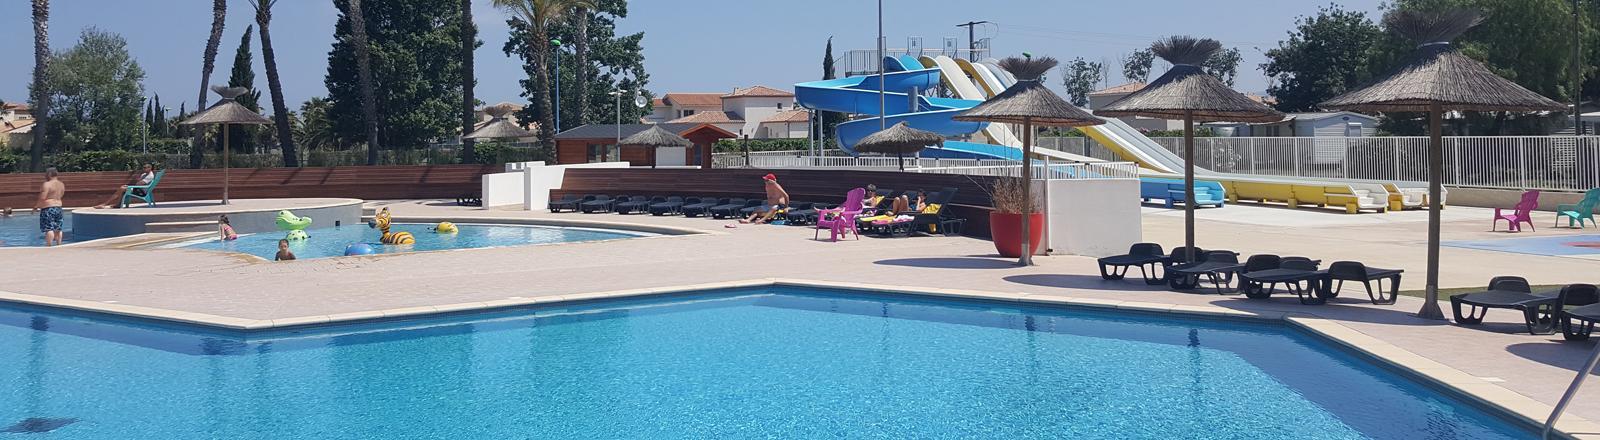 camping-proche-espagne-avec-piscine-bonnes-vacances-sarl